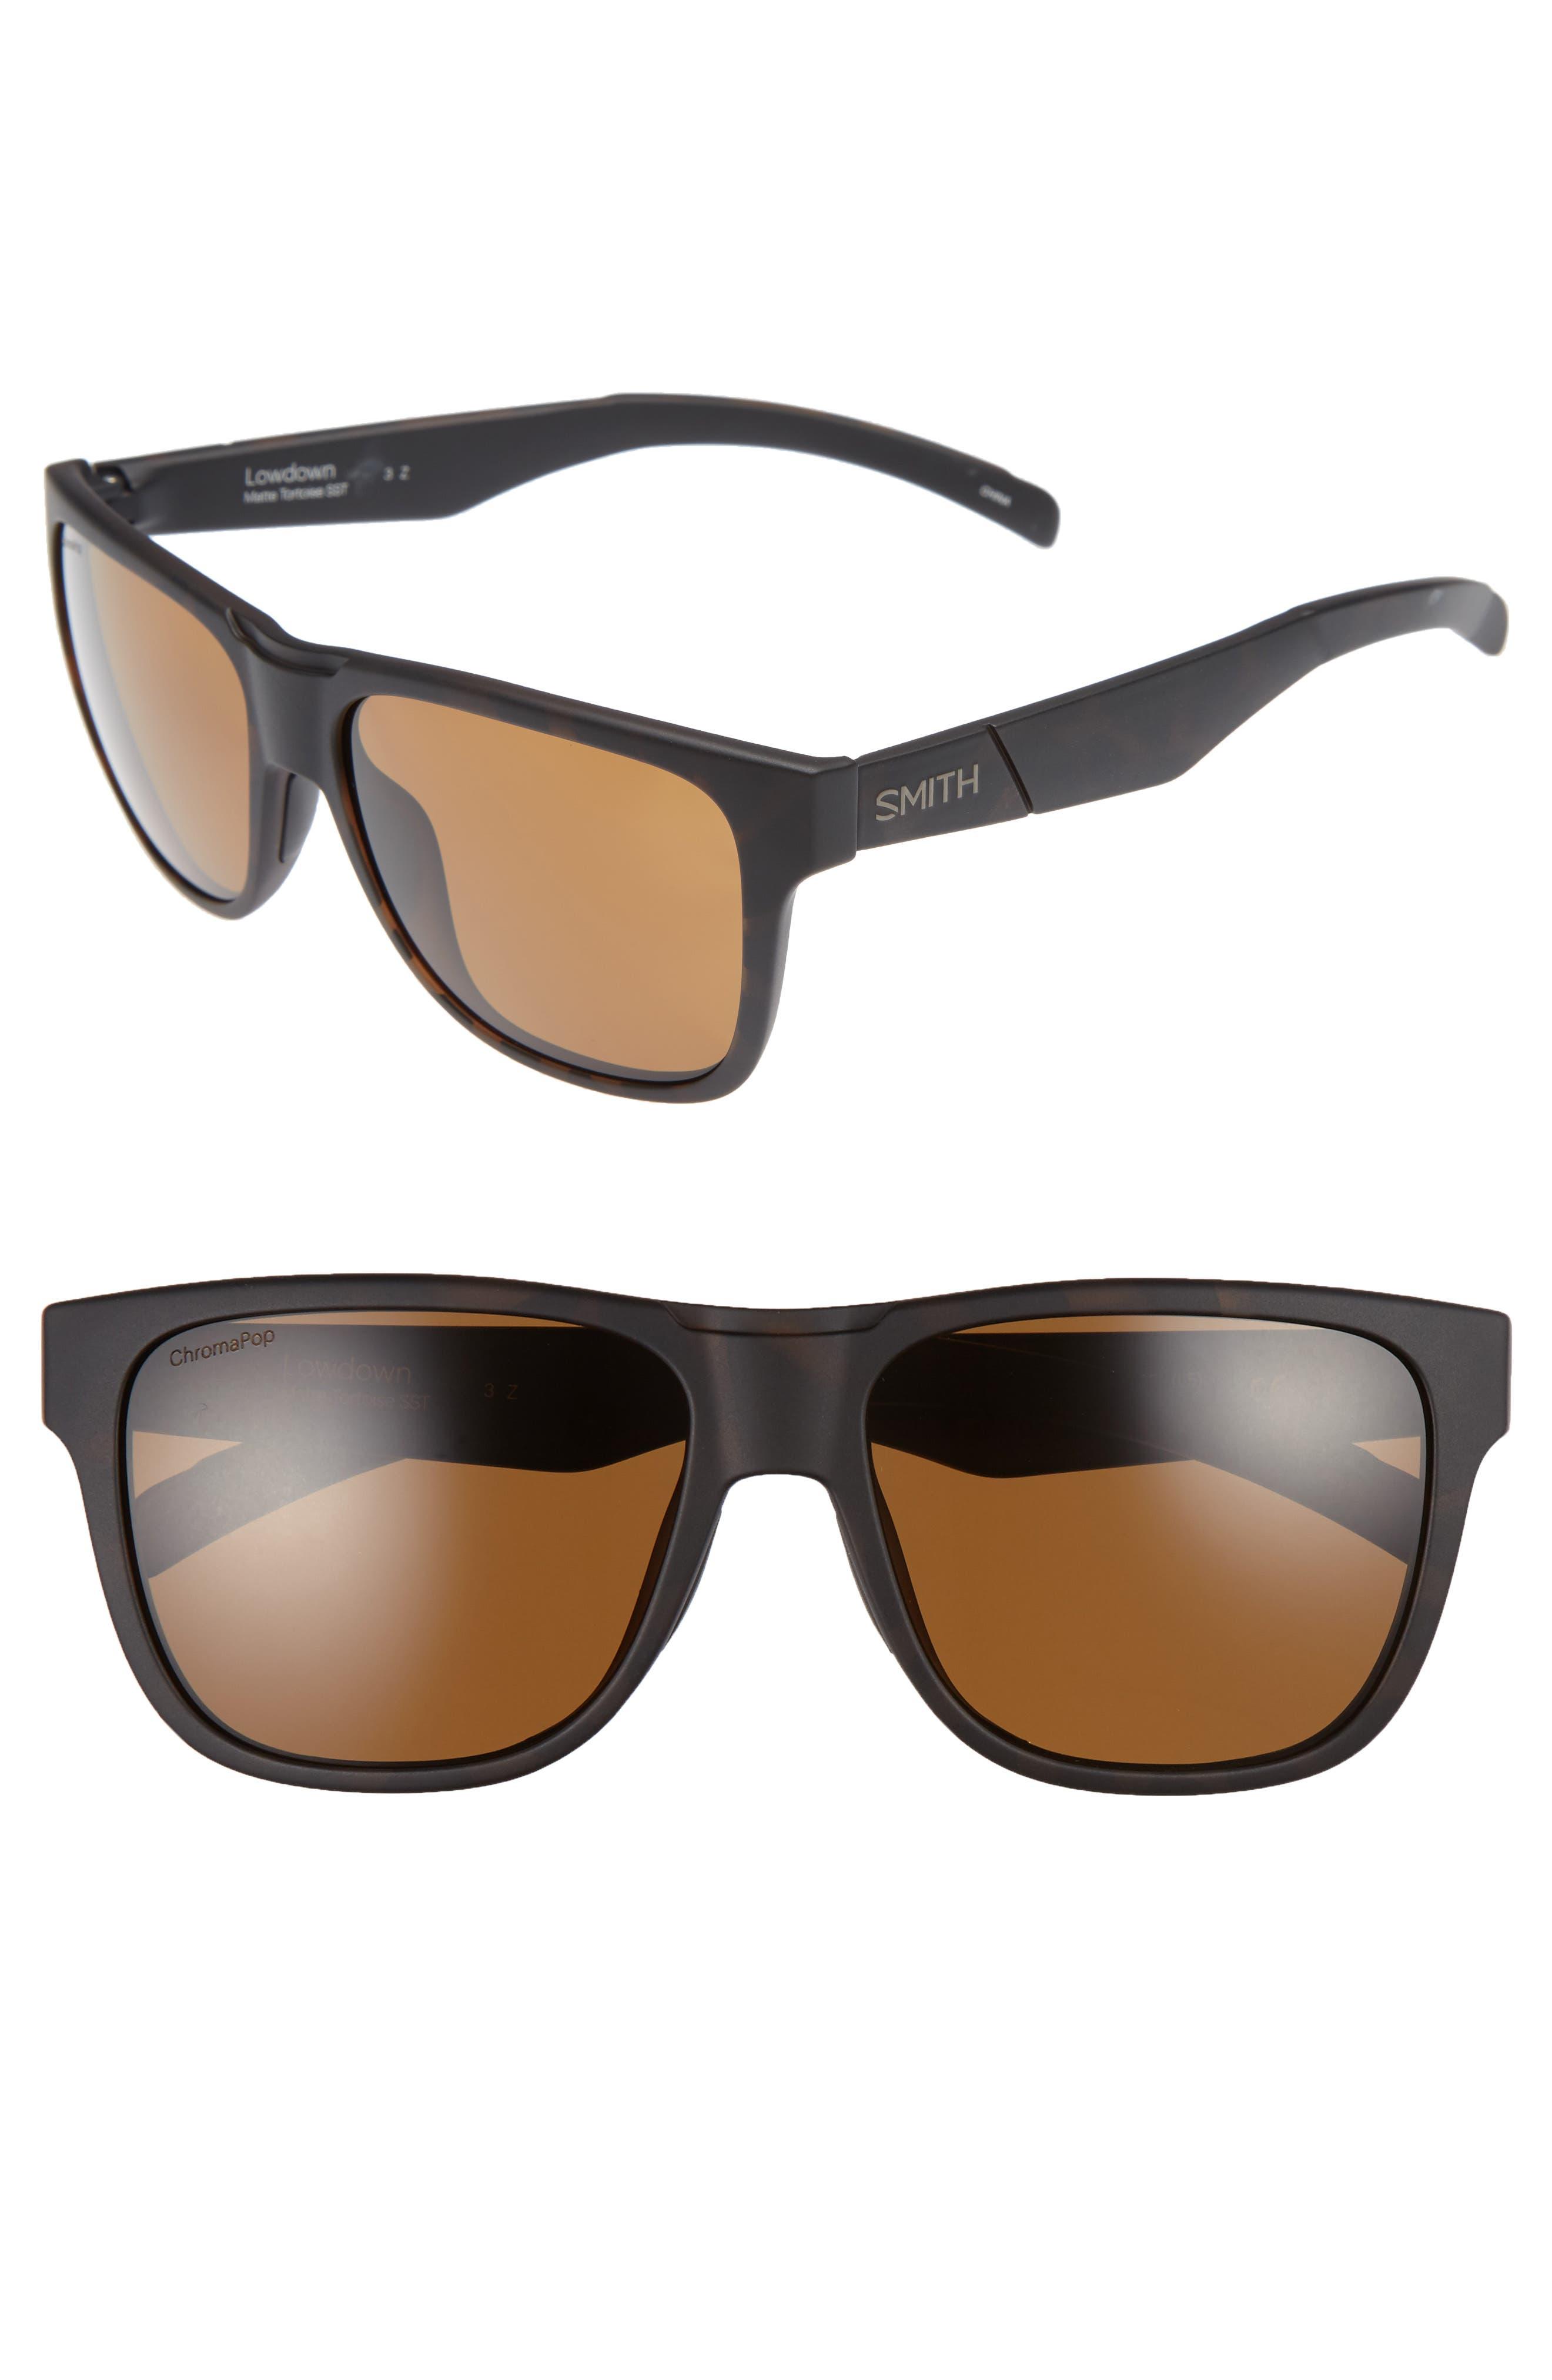 SMITH Lowdown 56mm Polarized Sunglasses